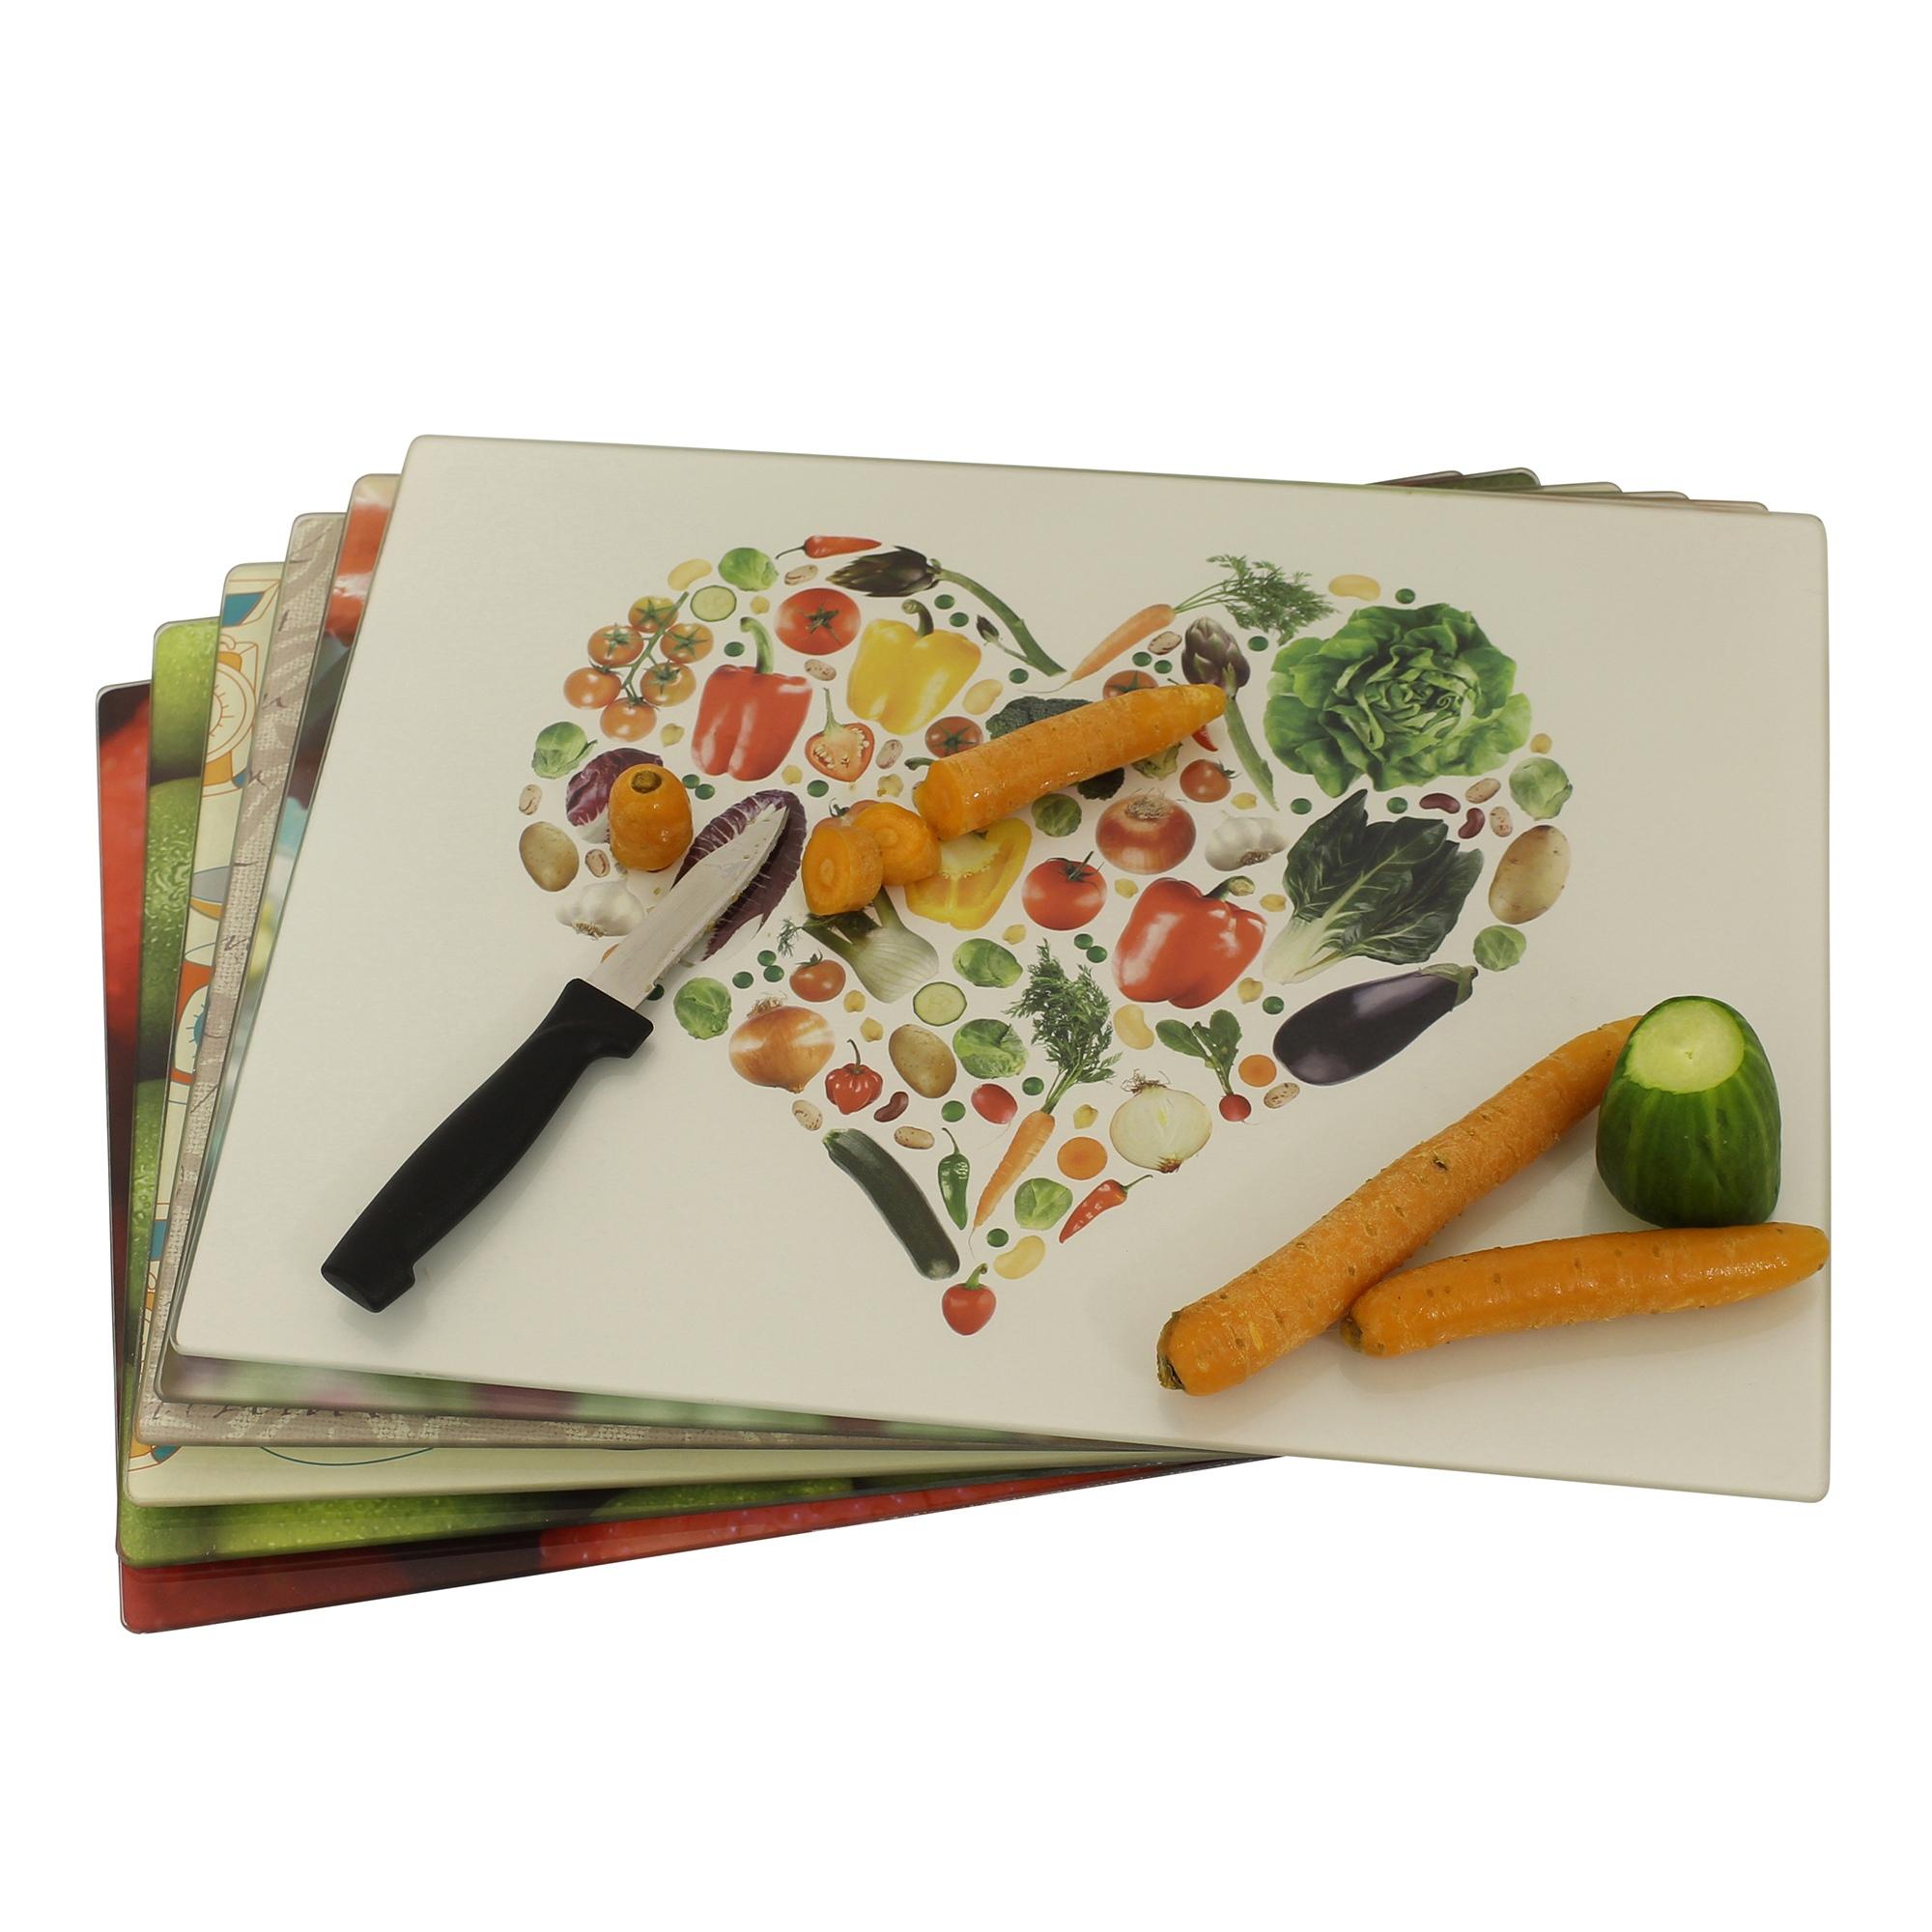 Designer verre planche d couper conseils protection plan de travail cuisine ebay - Planche a decouper pour plan de travail ...